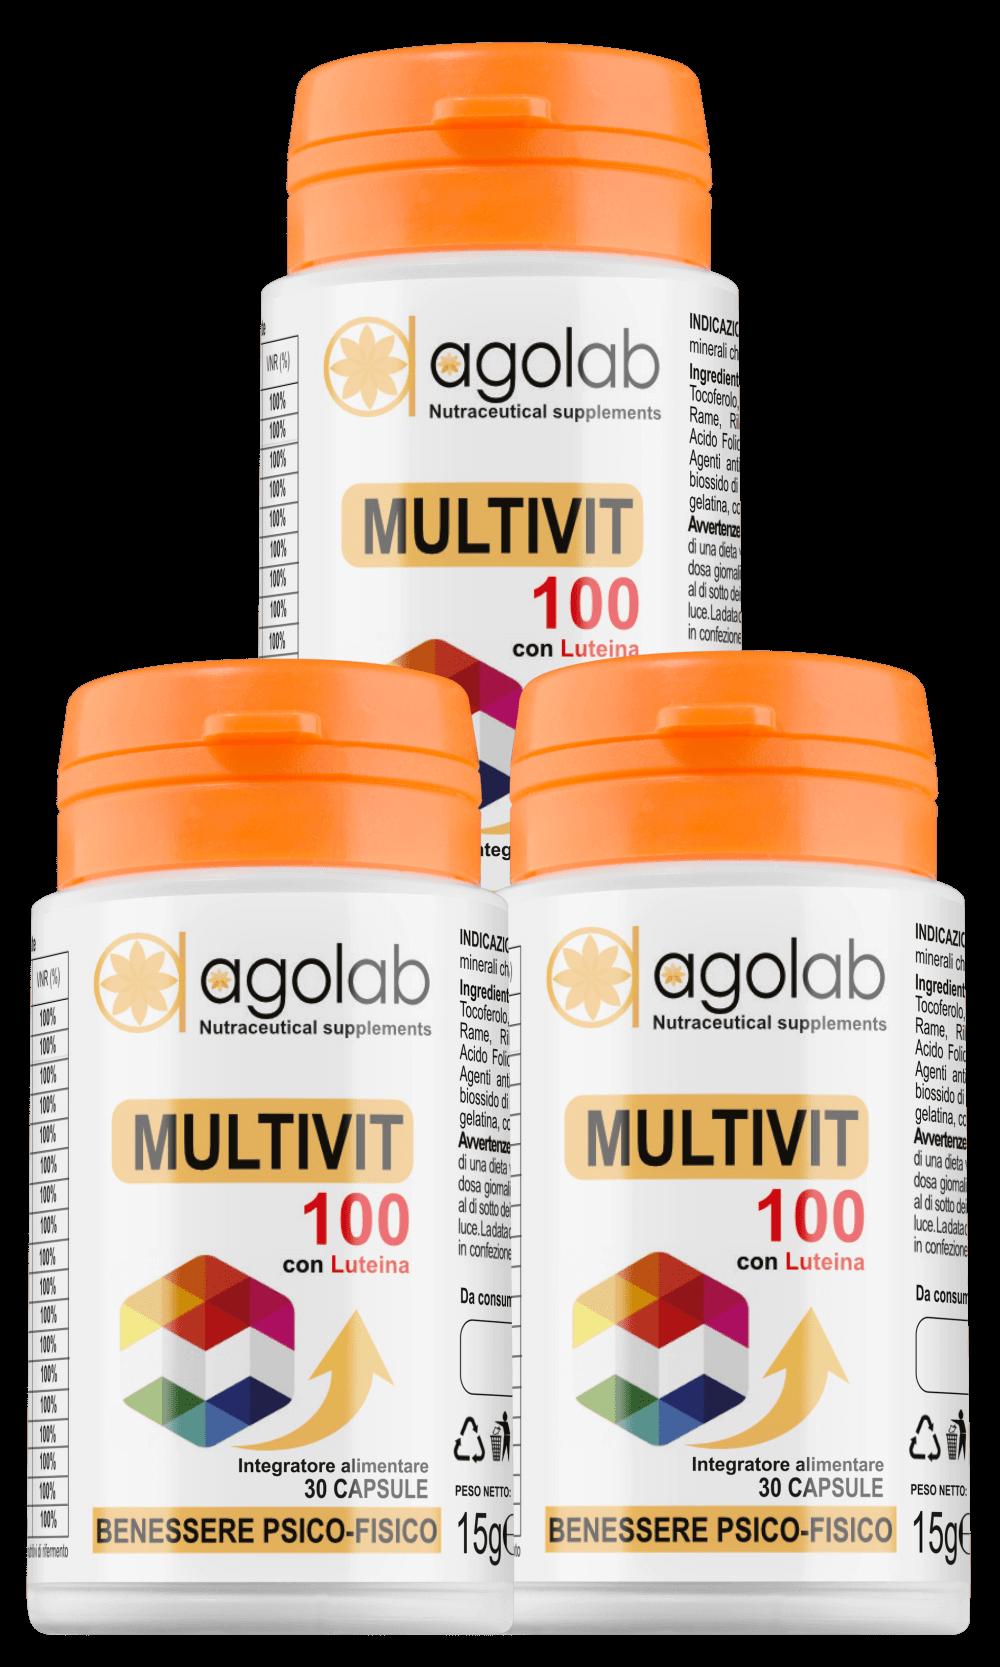 Multivit 100 multivitaminico sali minerali migliore agolab nutraceutica